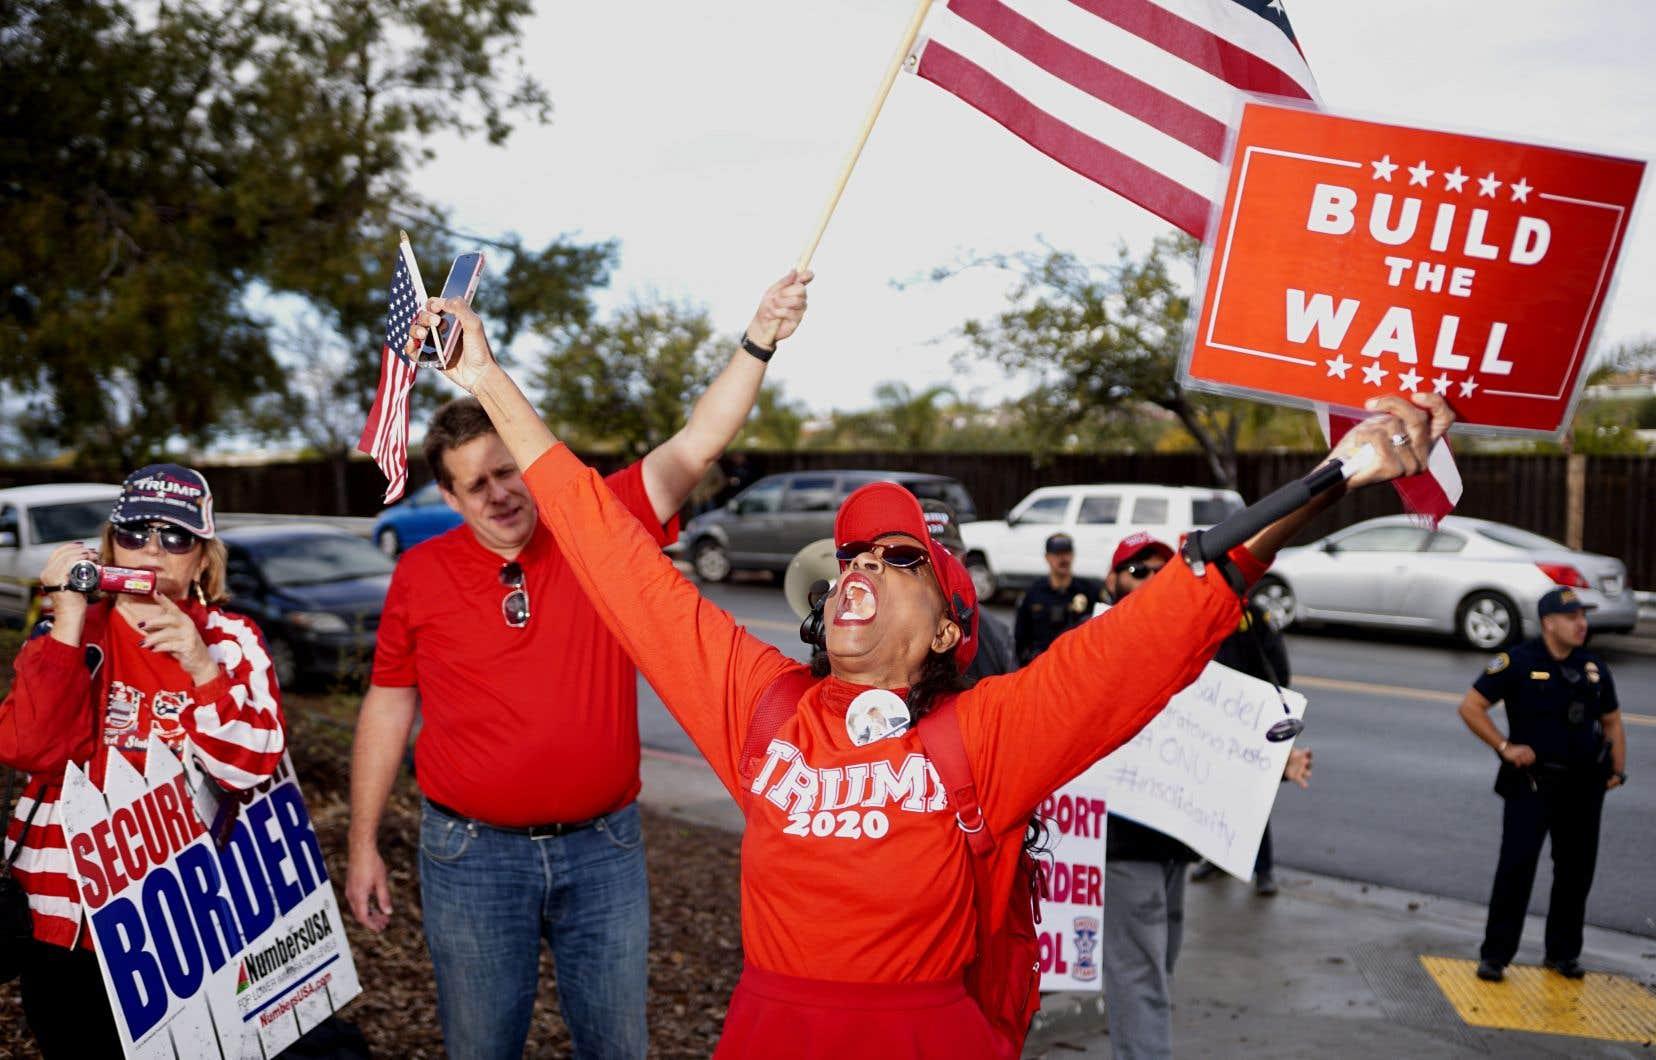 Aux États-Unis, des manifestants témoignent leur appui au président Donald Trump qui, selon l'auteur, invoque la sécurité nationale pour murer la frontière avec le Mexique.